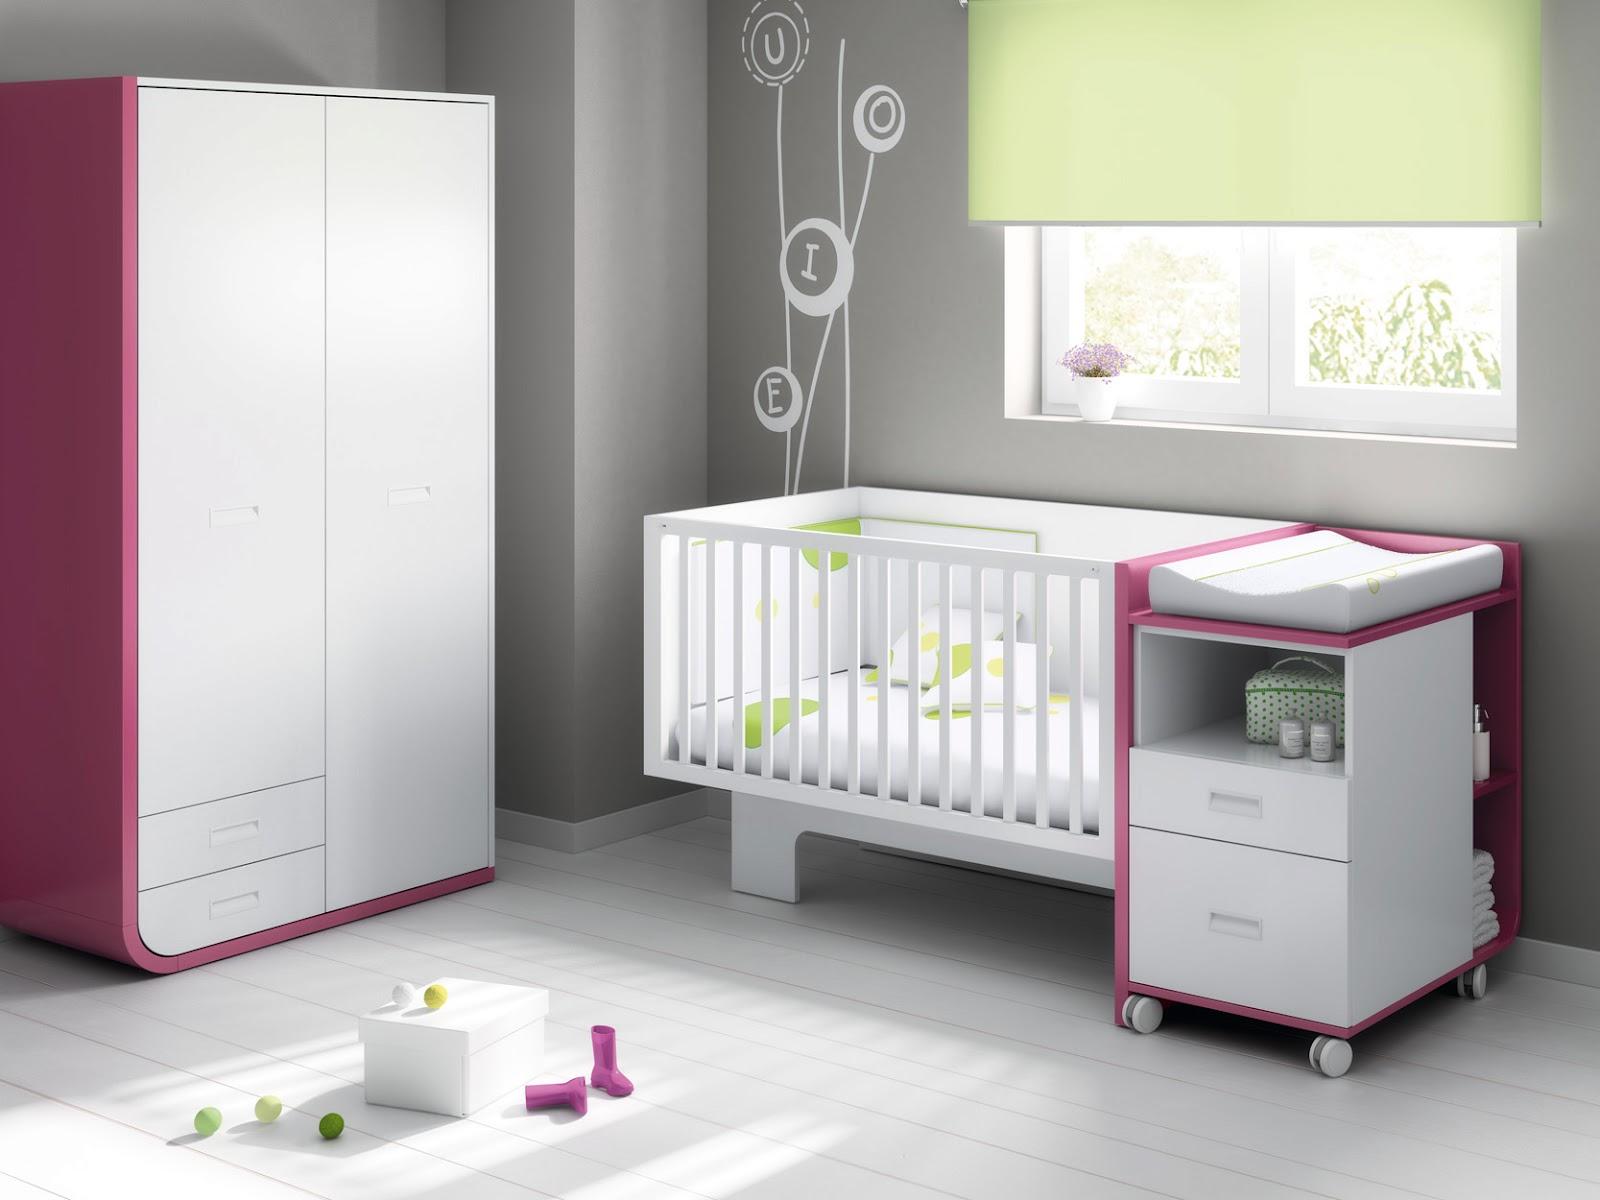 Culle per neonati ros camerette design e arte - Camerette design bambini ...